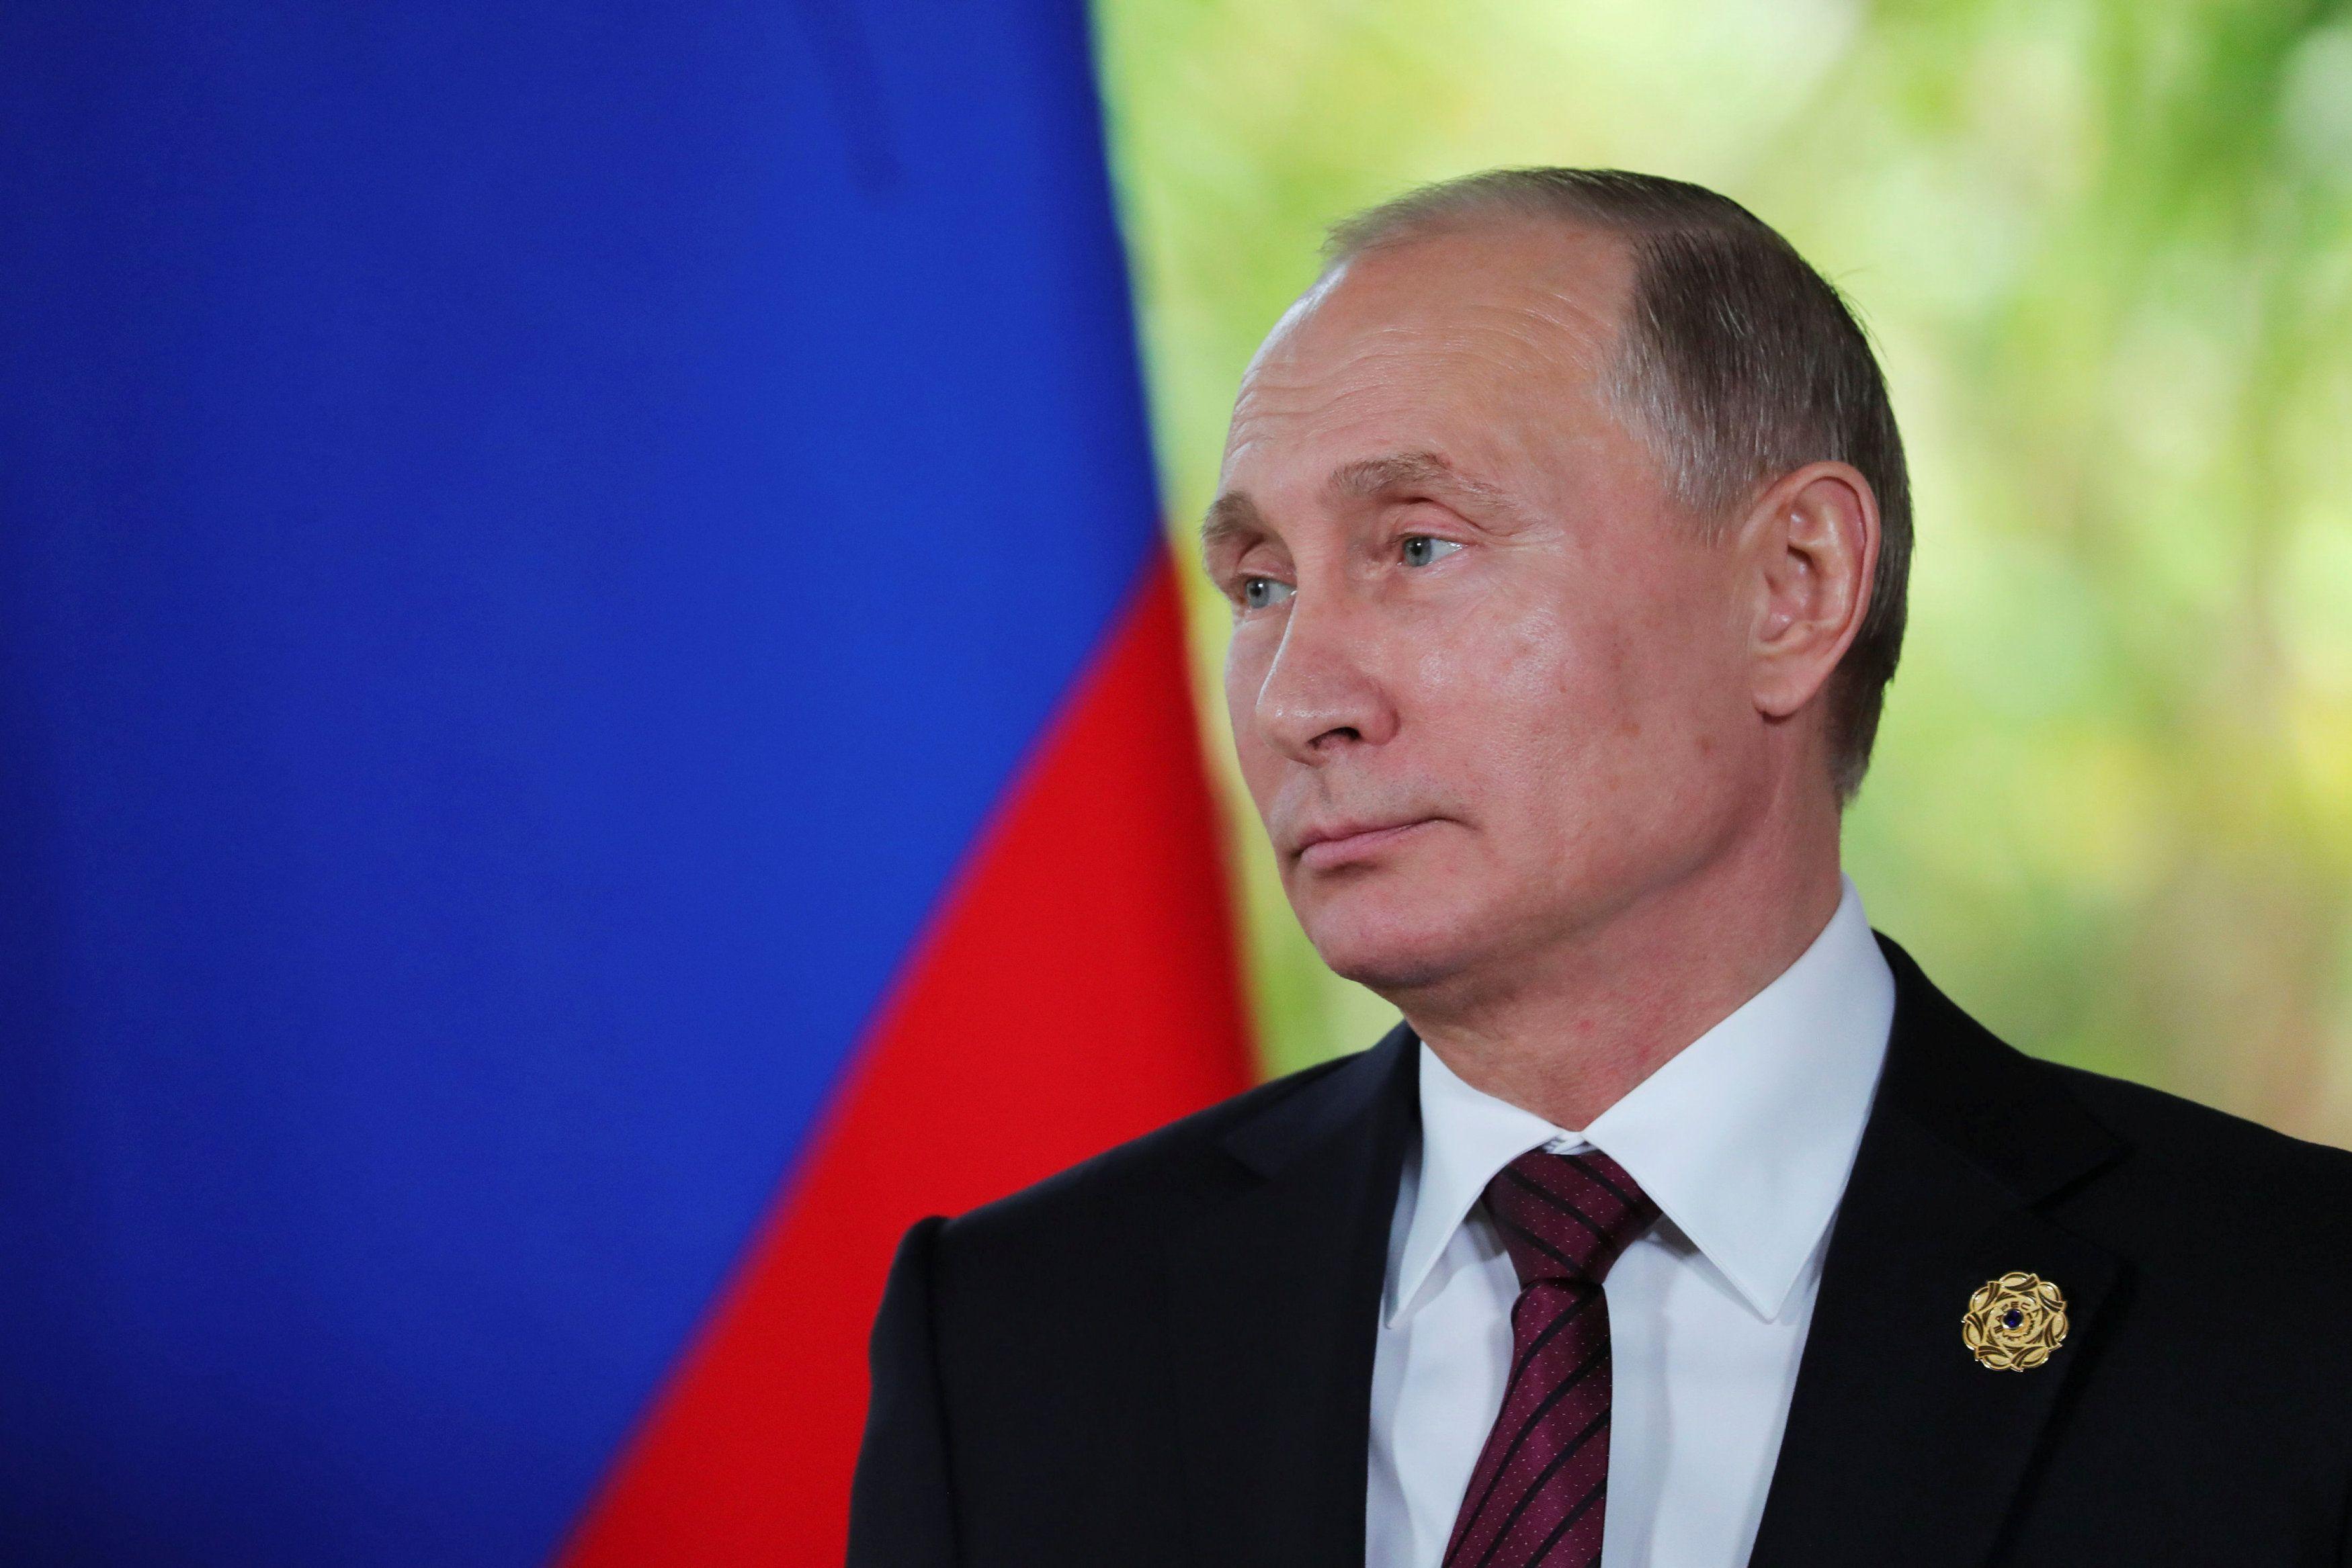 Владимир Путин хочет избежать введения против РФ новых санкций США, отметил эксперт